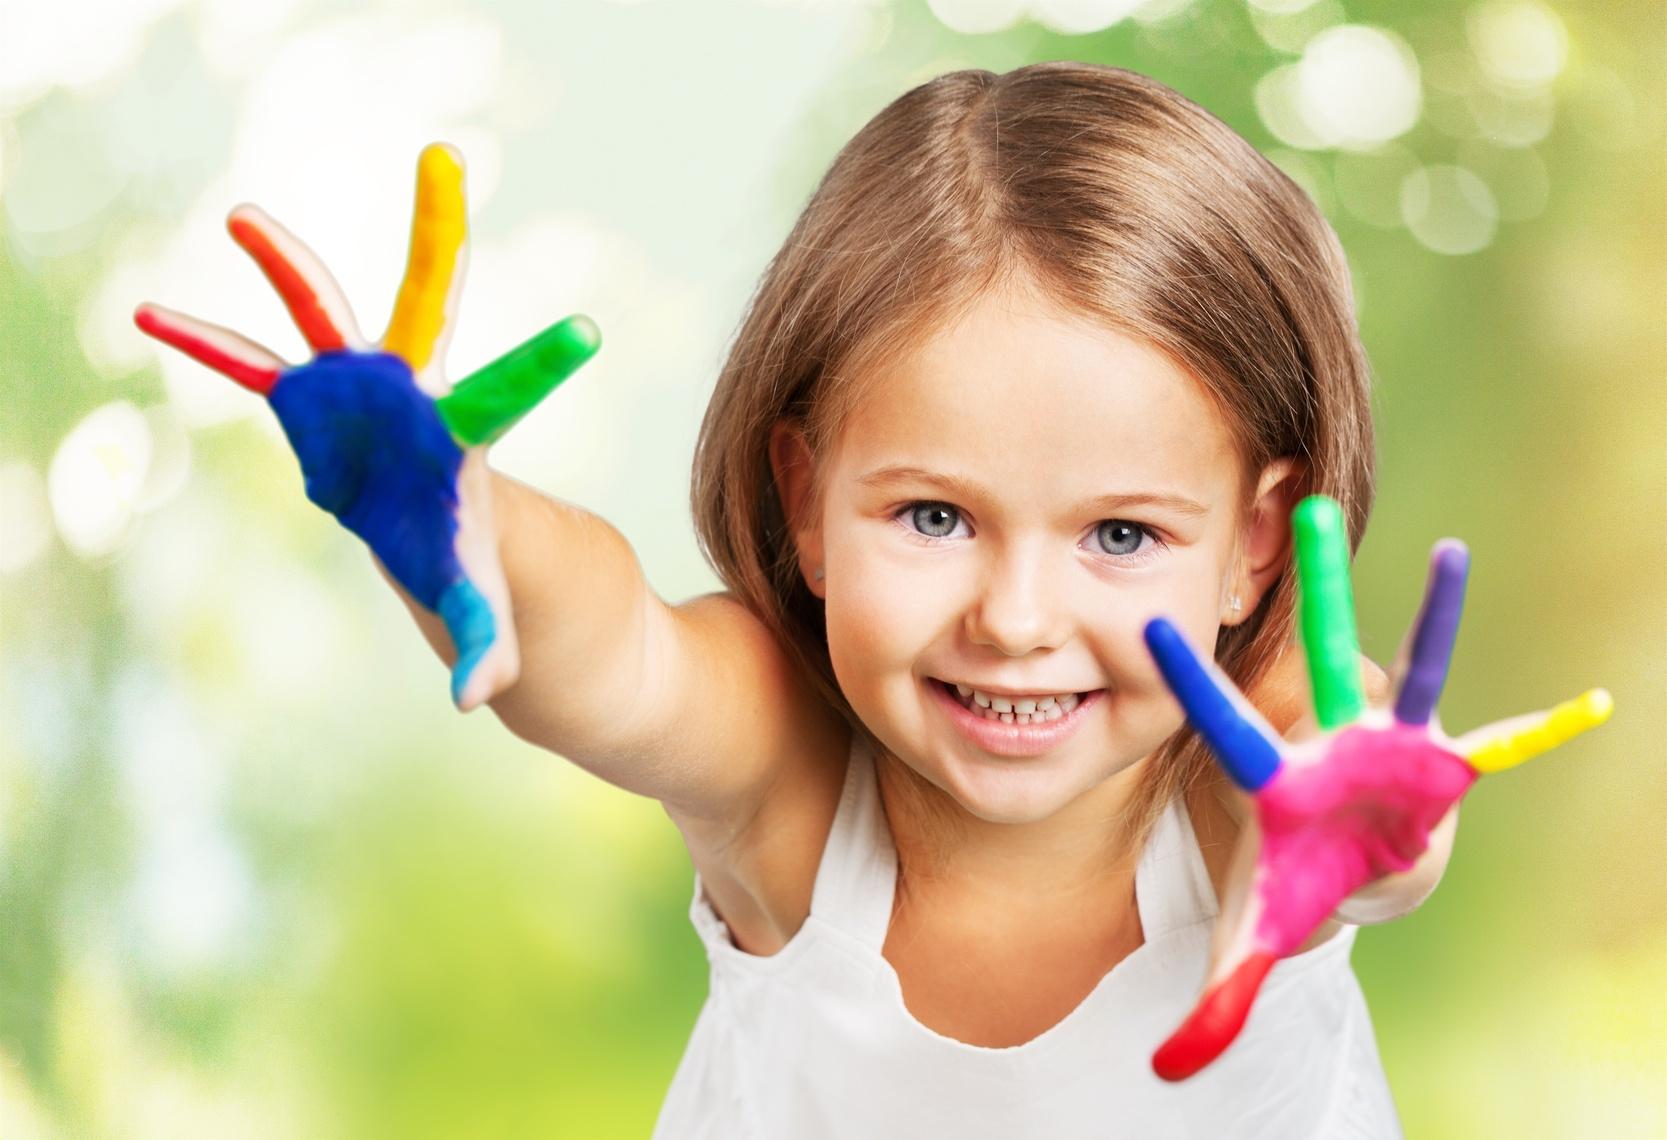 11 Jeux Pour Les Enfants De Moins De 3 Ans | Redcross-Edu serapportantà Jeux Pour Enfant De 3 Ans